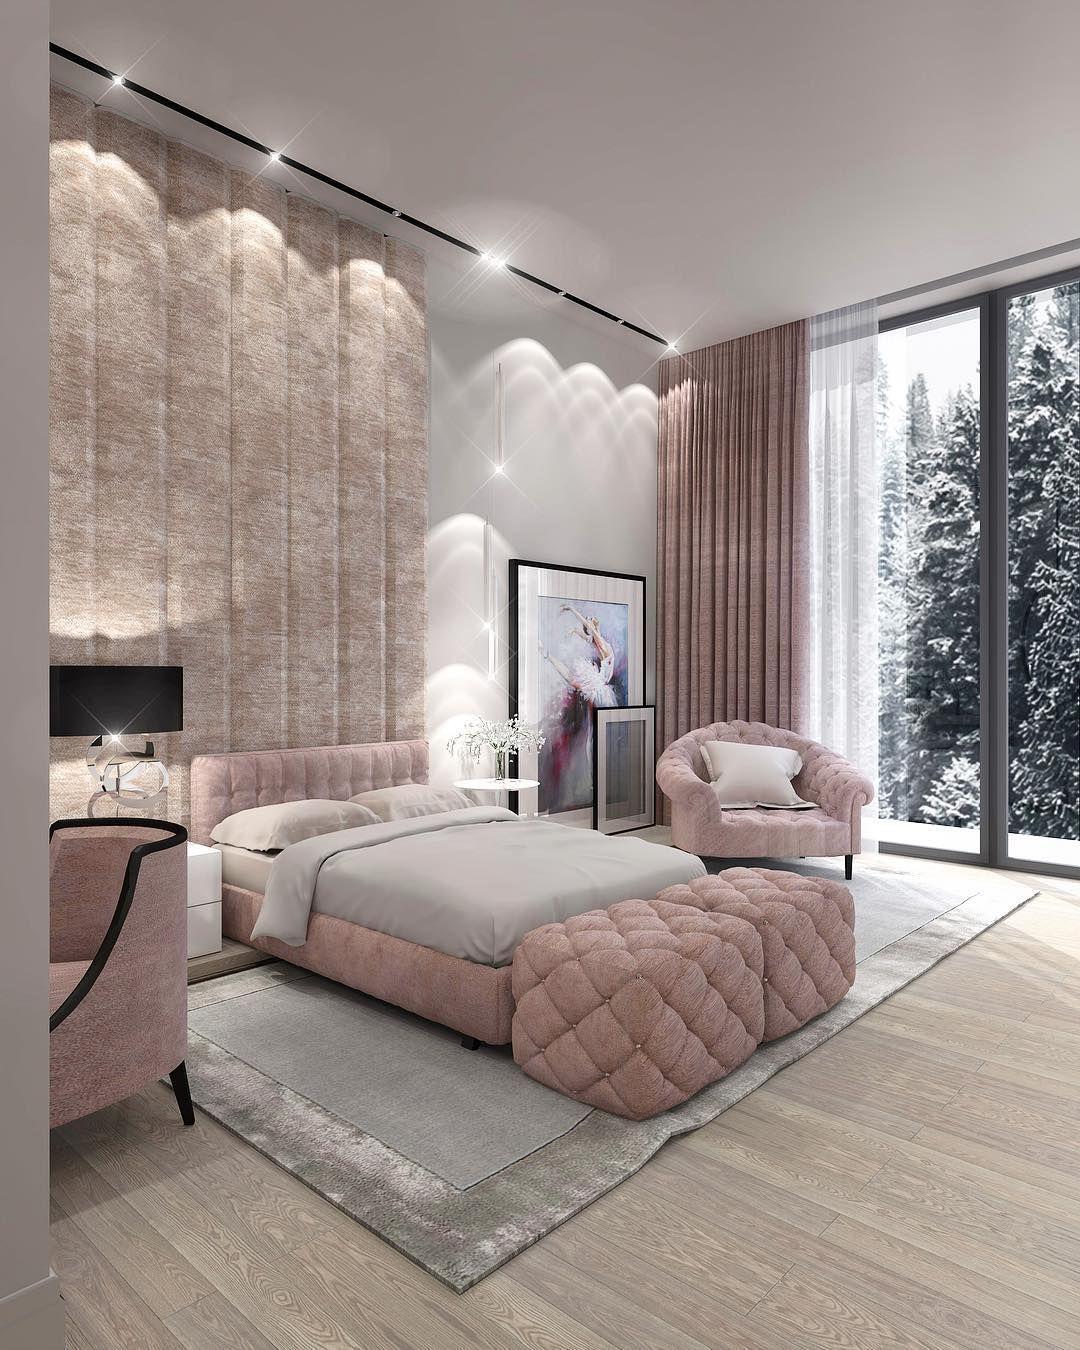 853 Otmetok Nravitsya 10 Kommentariev Interior Designer Worldwide Constantinfrolov Design V In Luxury Bedroom Design Luxurious Bedrooms Bedroom Interior